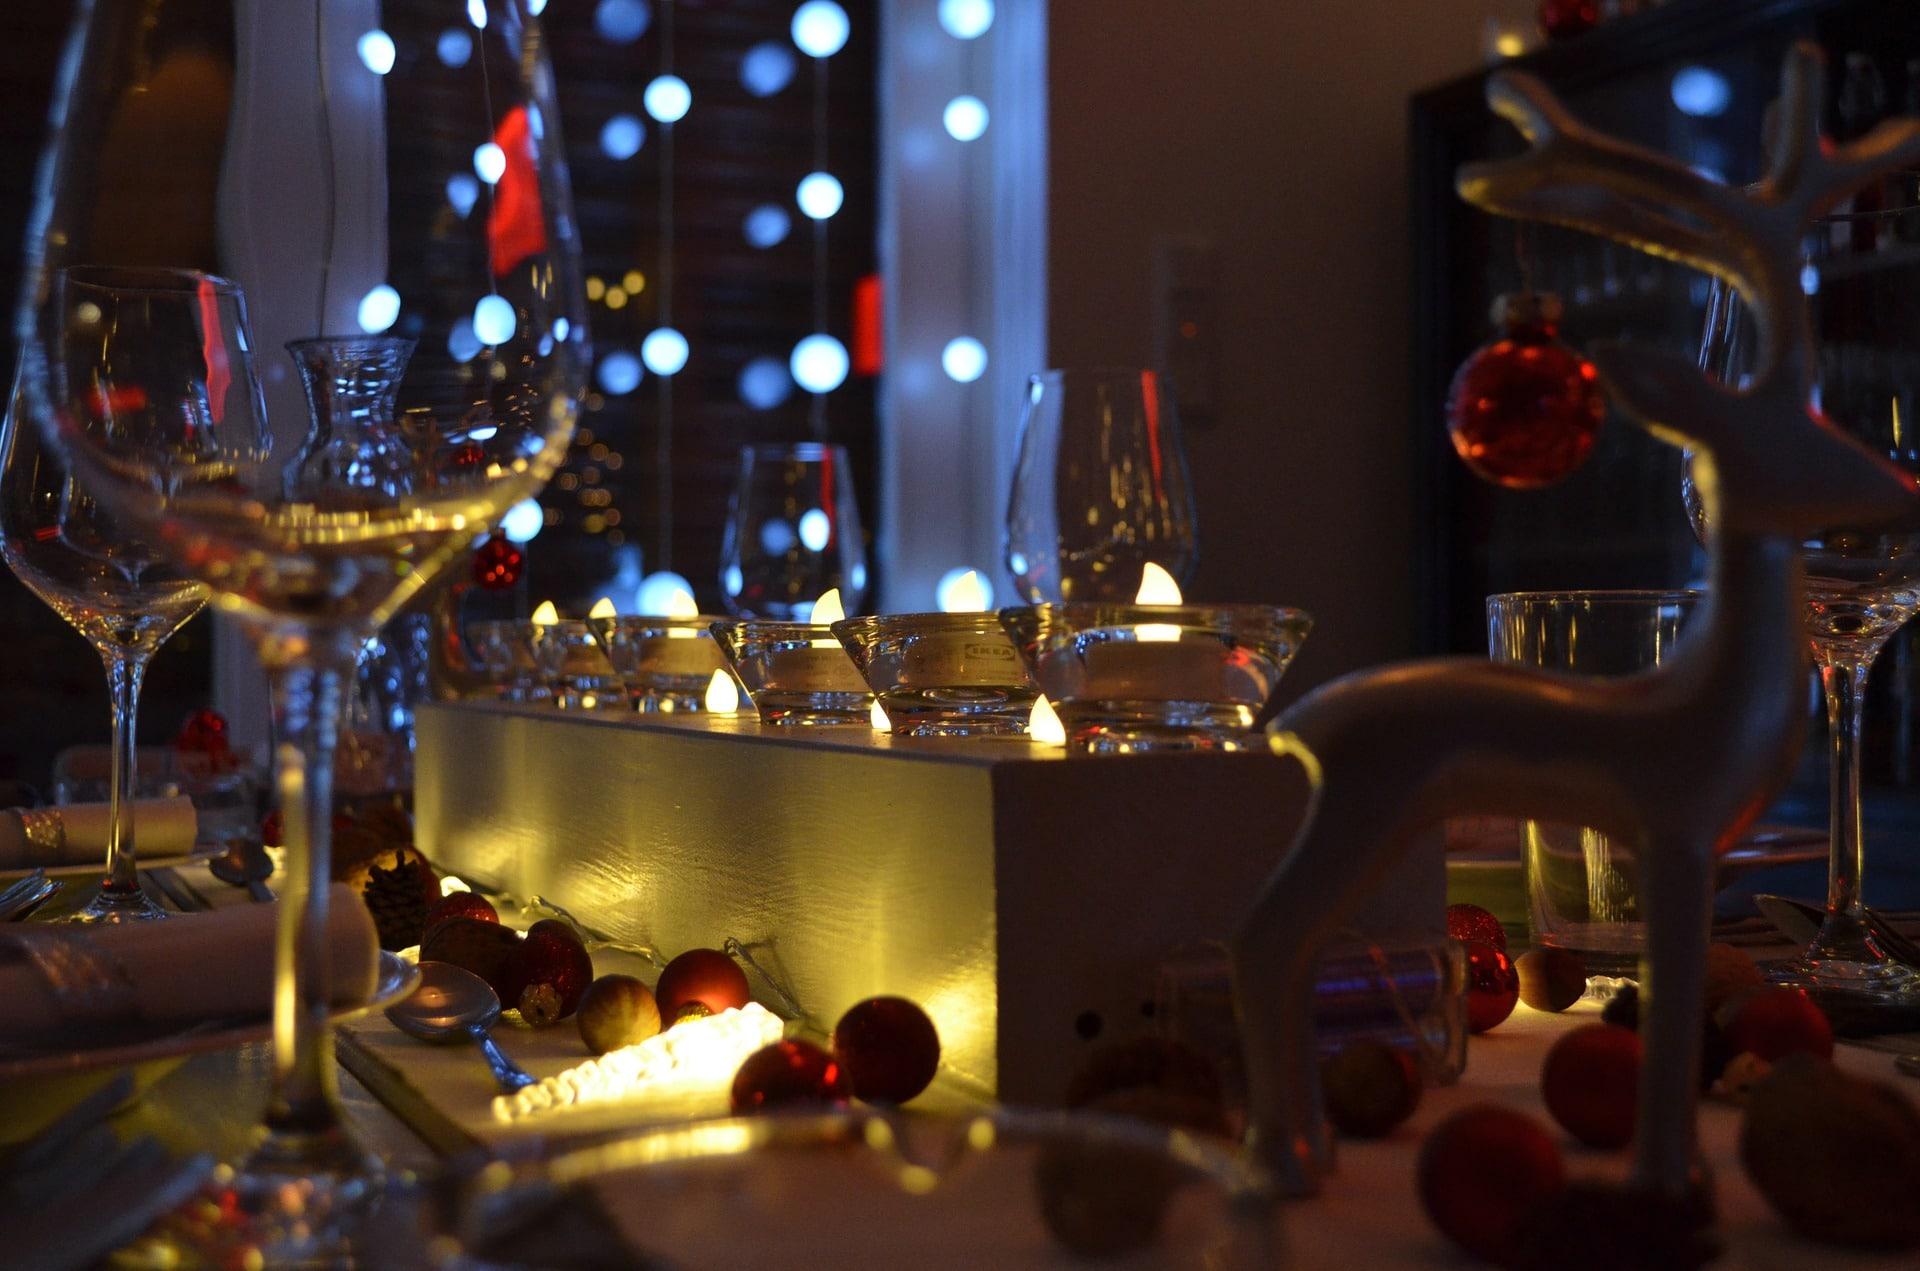 Weihnachtsfeier Teilnahmepflicht